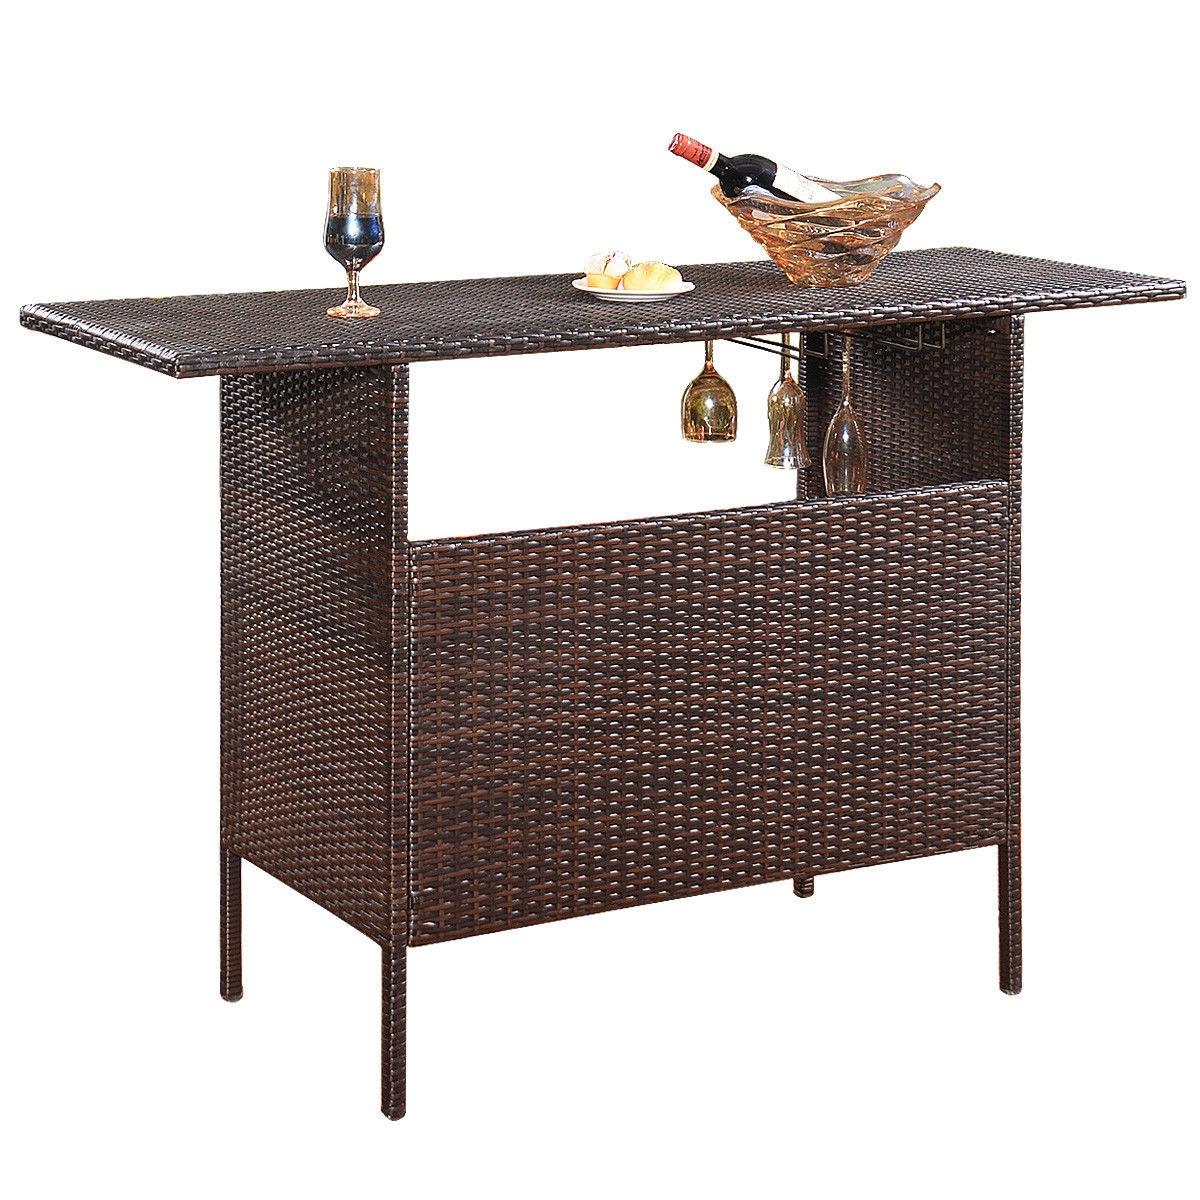 Outdoor Patio Rattan Bar Counter Table